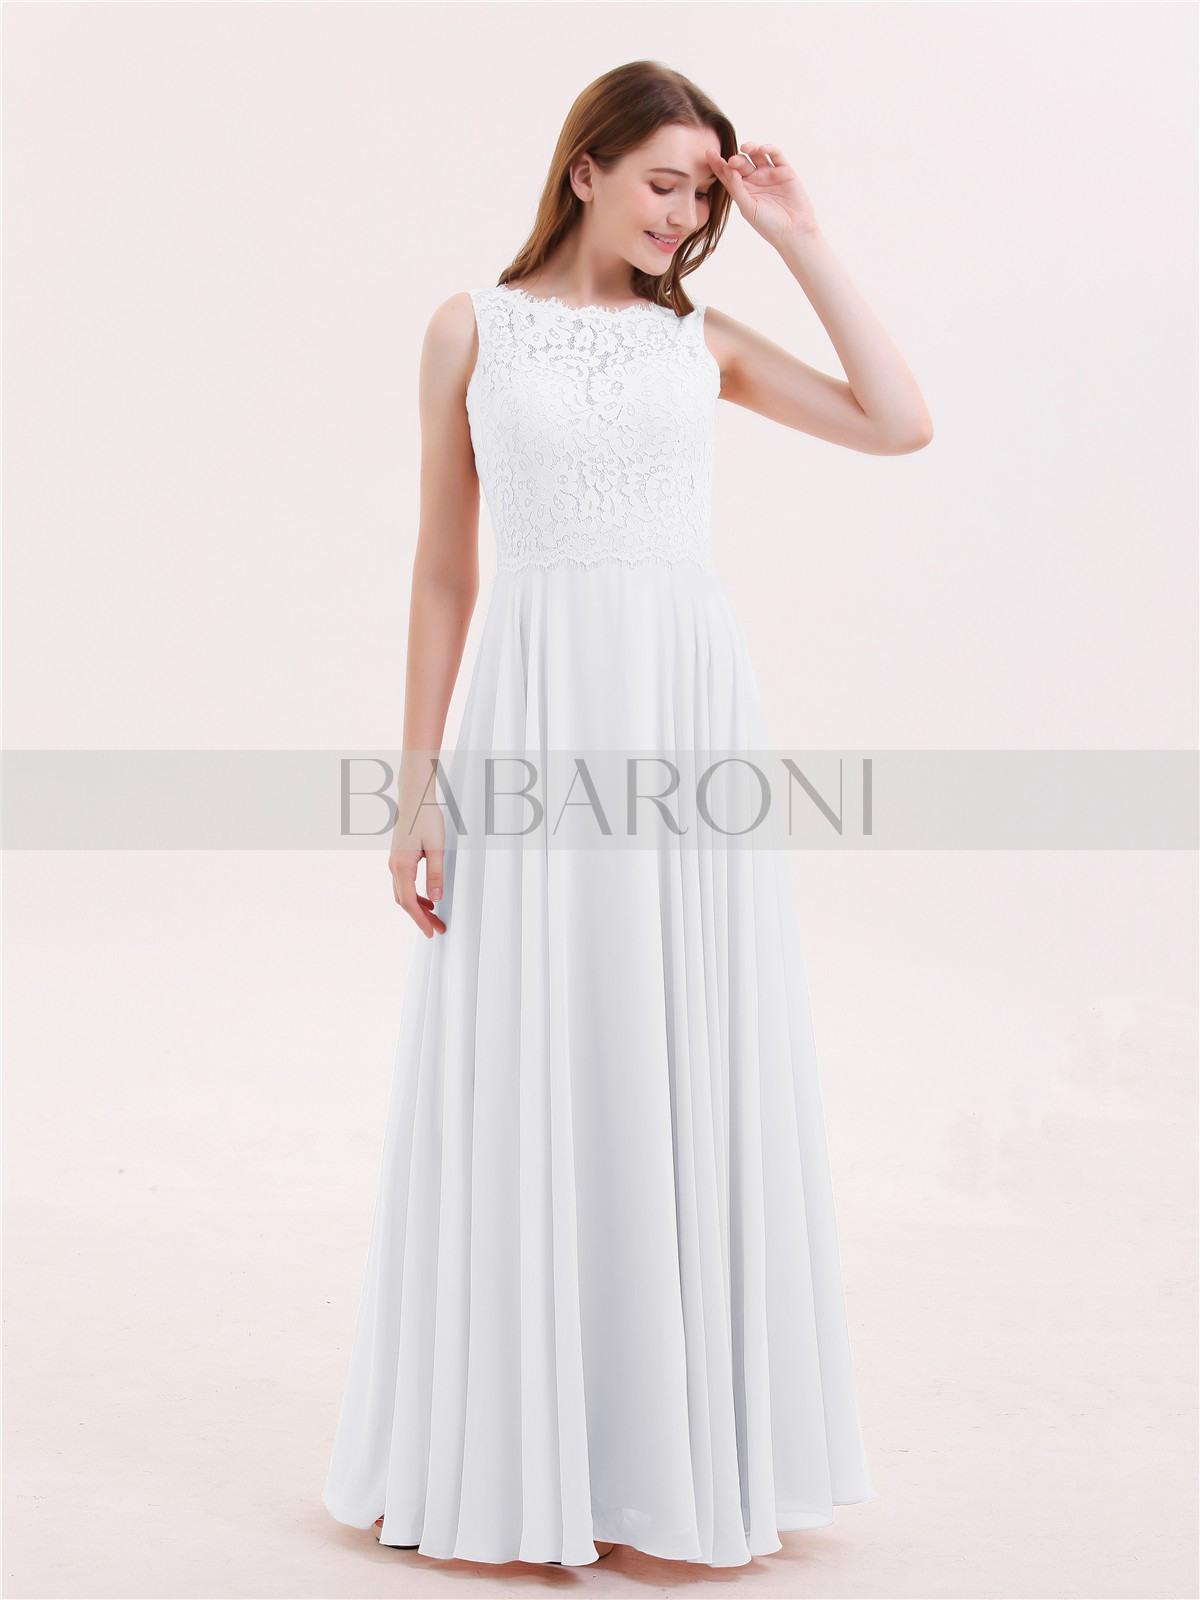 13 Schön Kleid Lang Weiß Design10 Coolste Kleid Lang Weiß Boutique